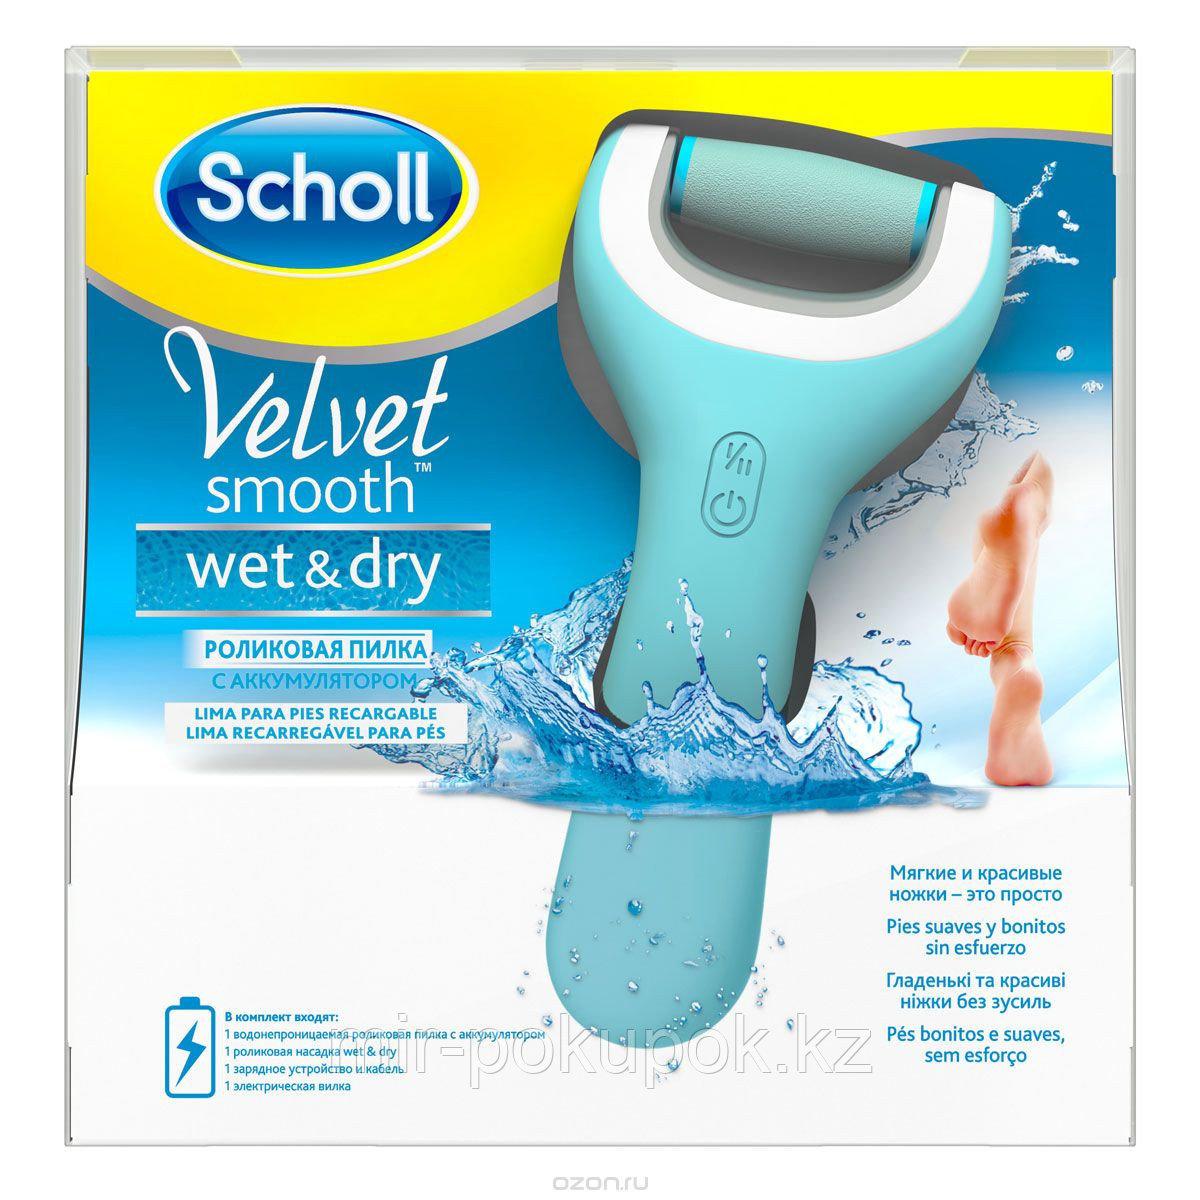 Водонепронецаемая роликовая пилка для ног с аккумулятором Scholl Velvet Smooth Wet & Dry, Алматы